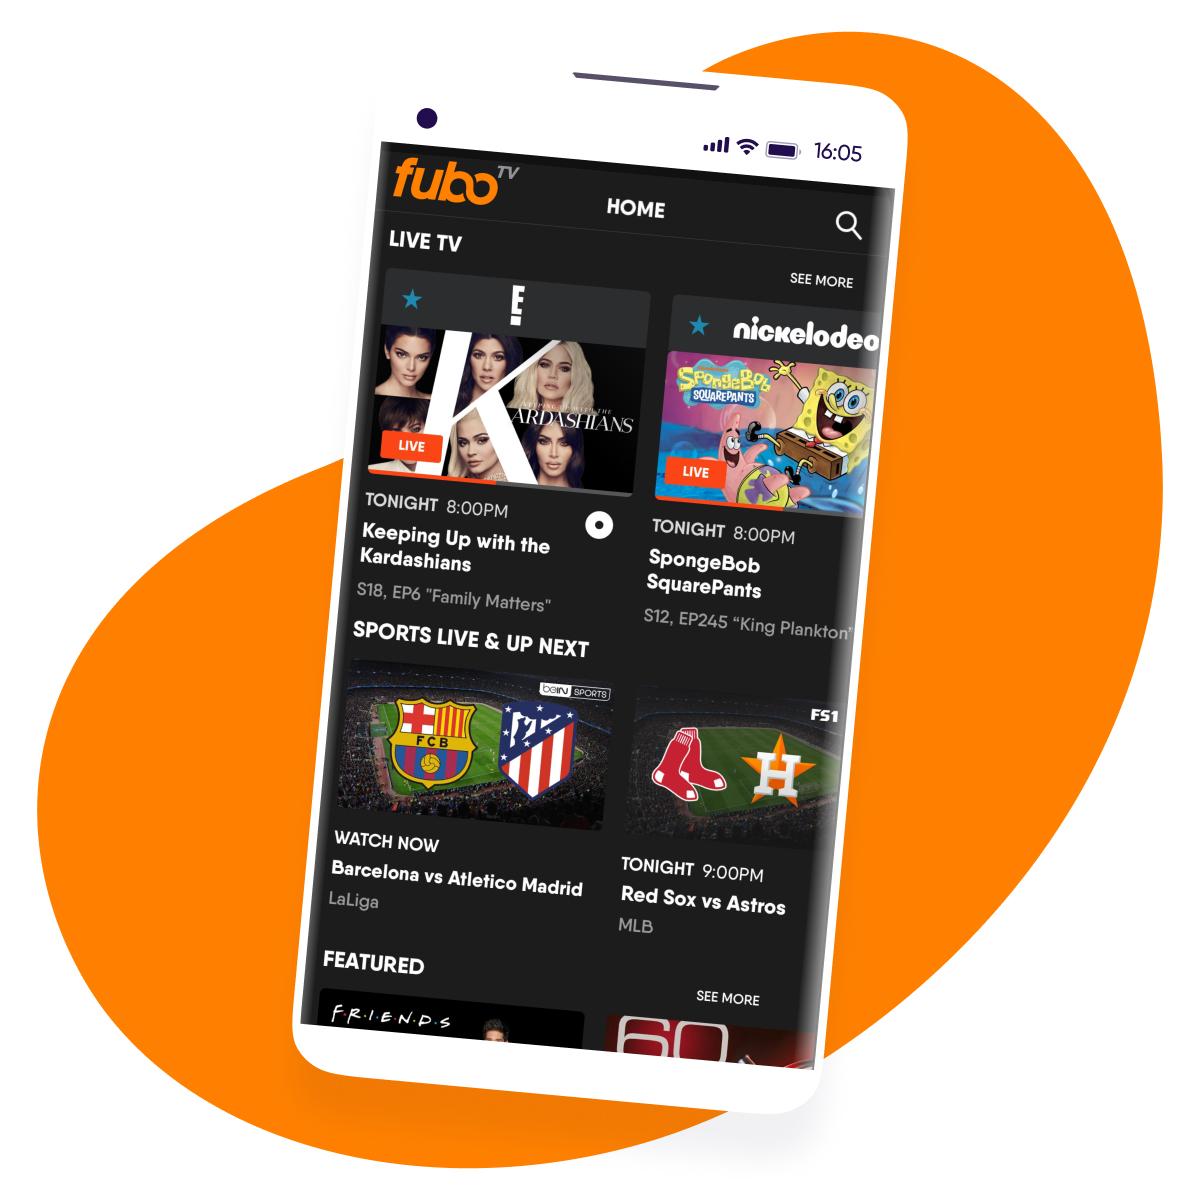 FuboTV AppsFlyer Customer